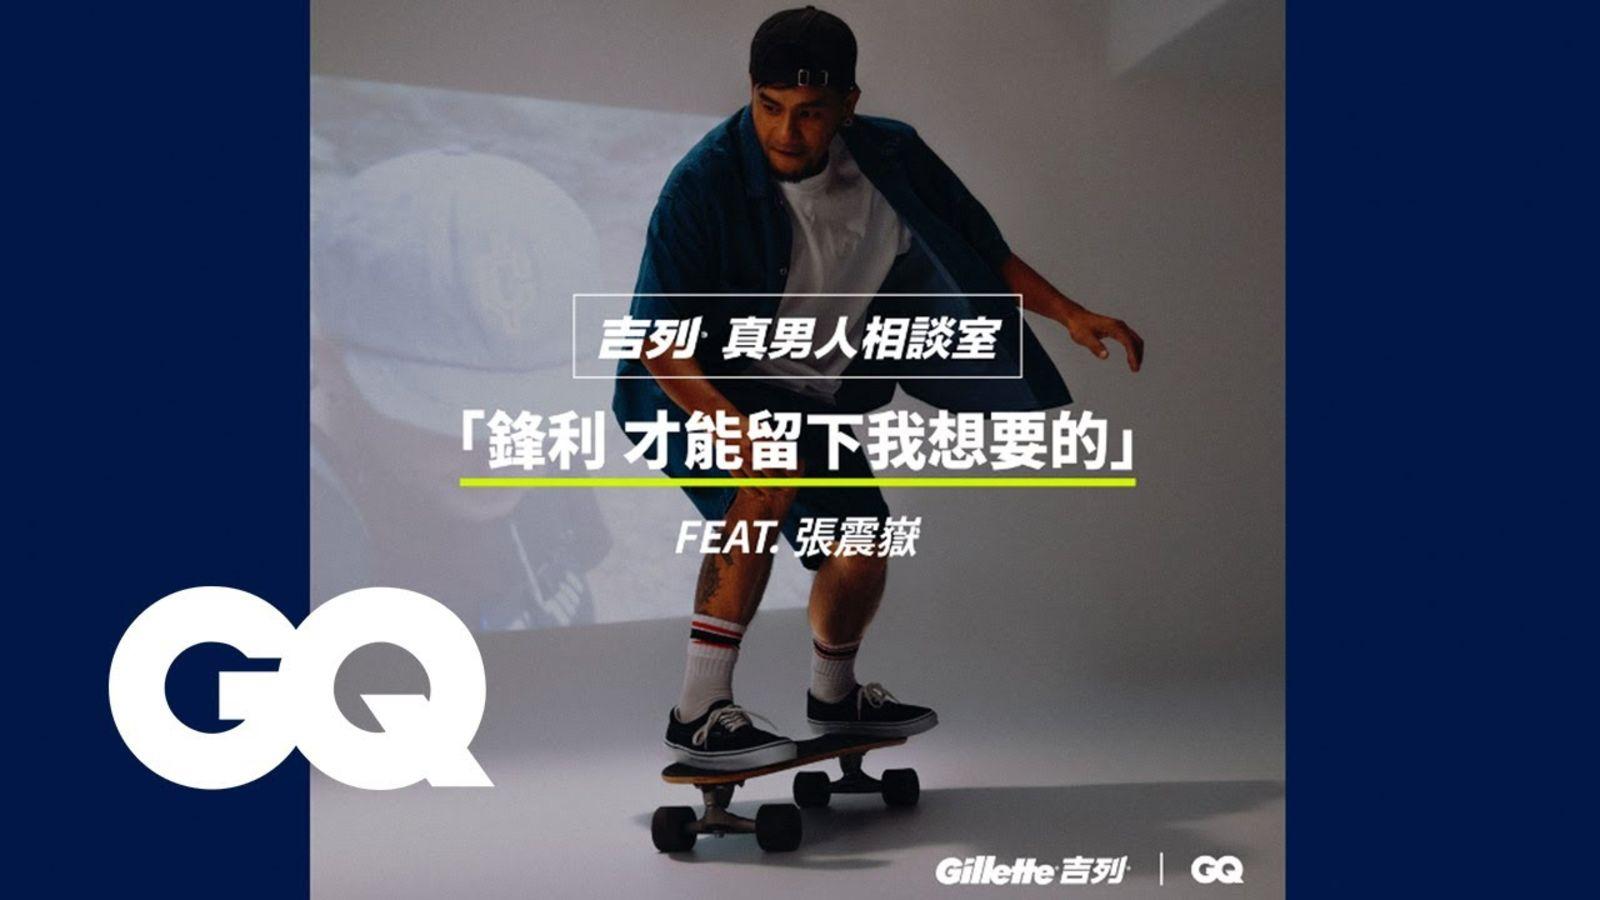 【吉列真男人相談室 feat.張震嶽】『鋒利 才能留下我想要的』